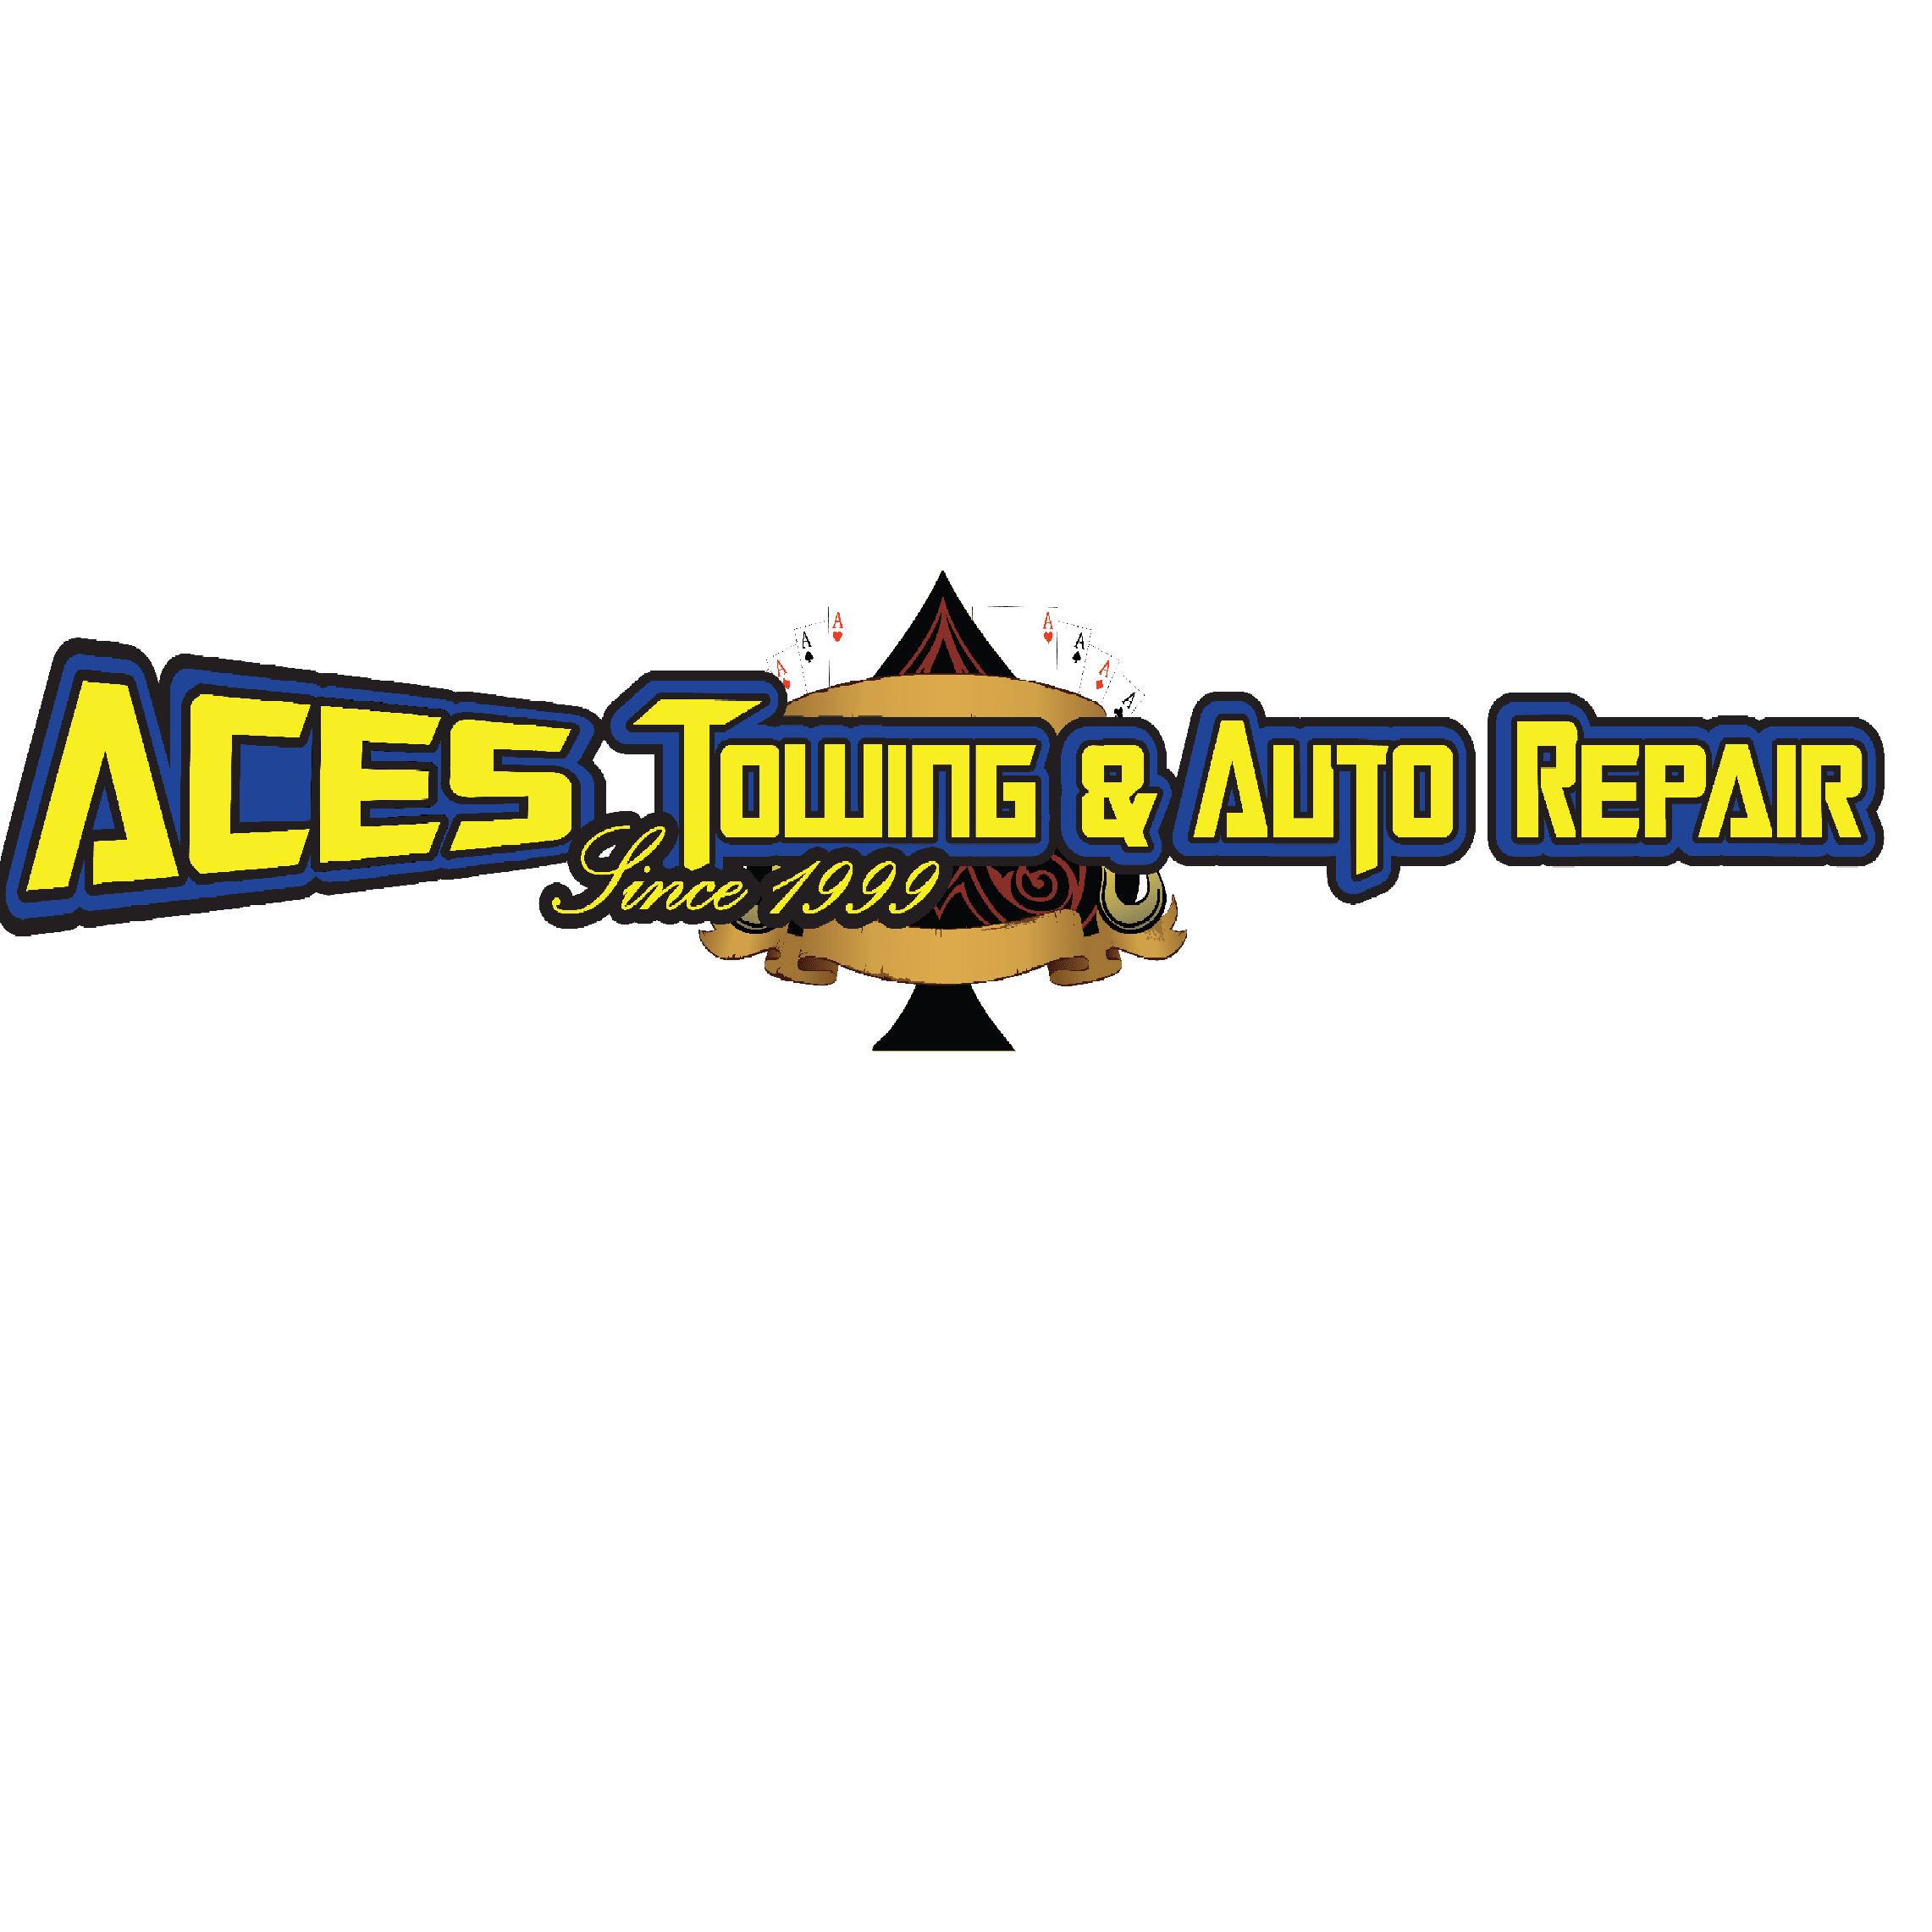 Aces Towing & Auto Repair logo